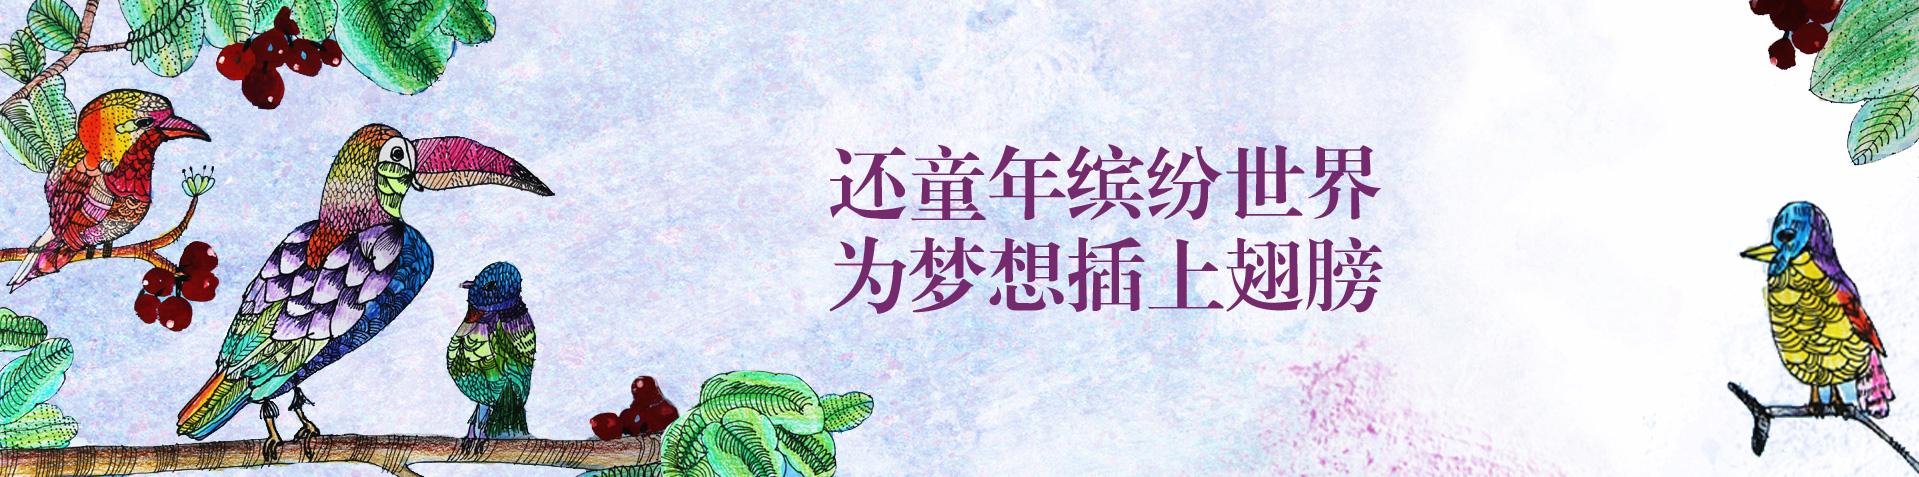 缤纷鸟美术教育商丘永城市一校